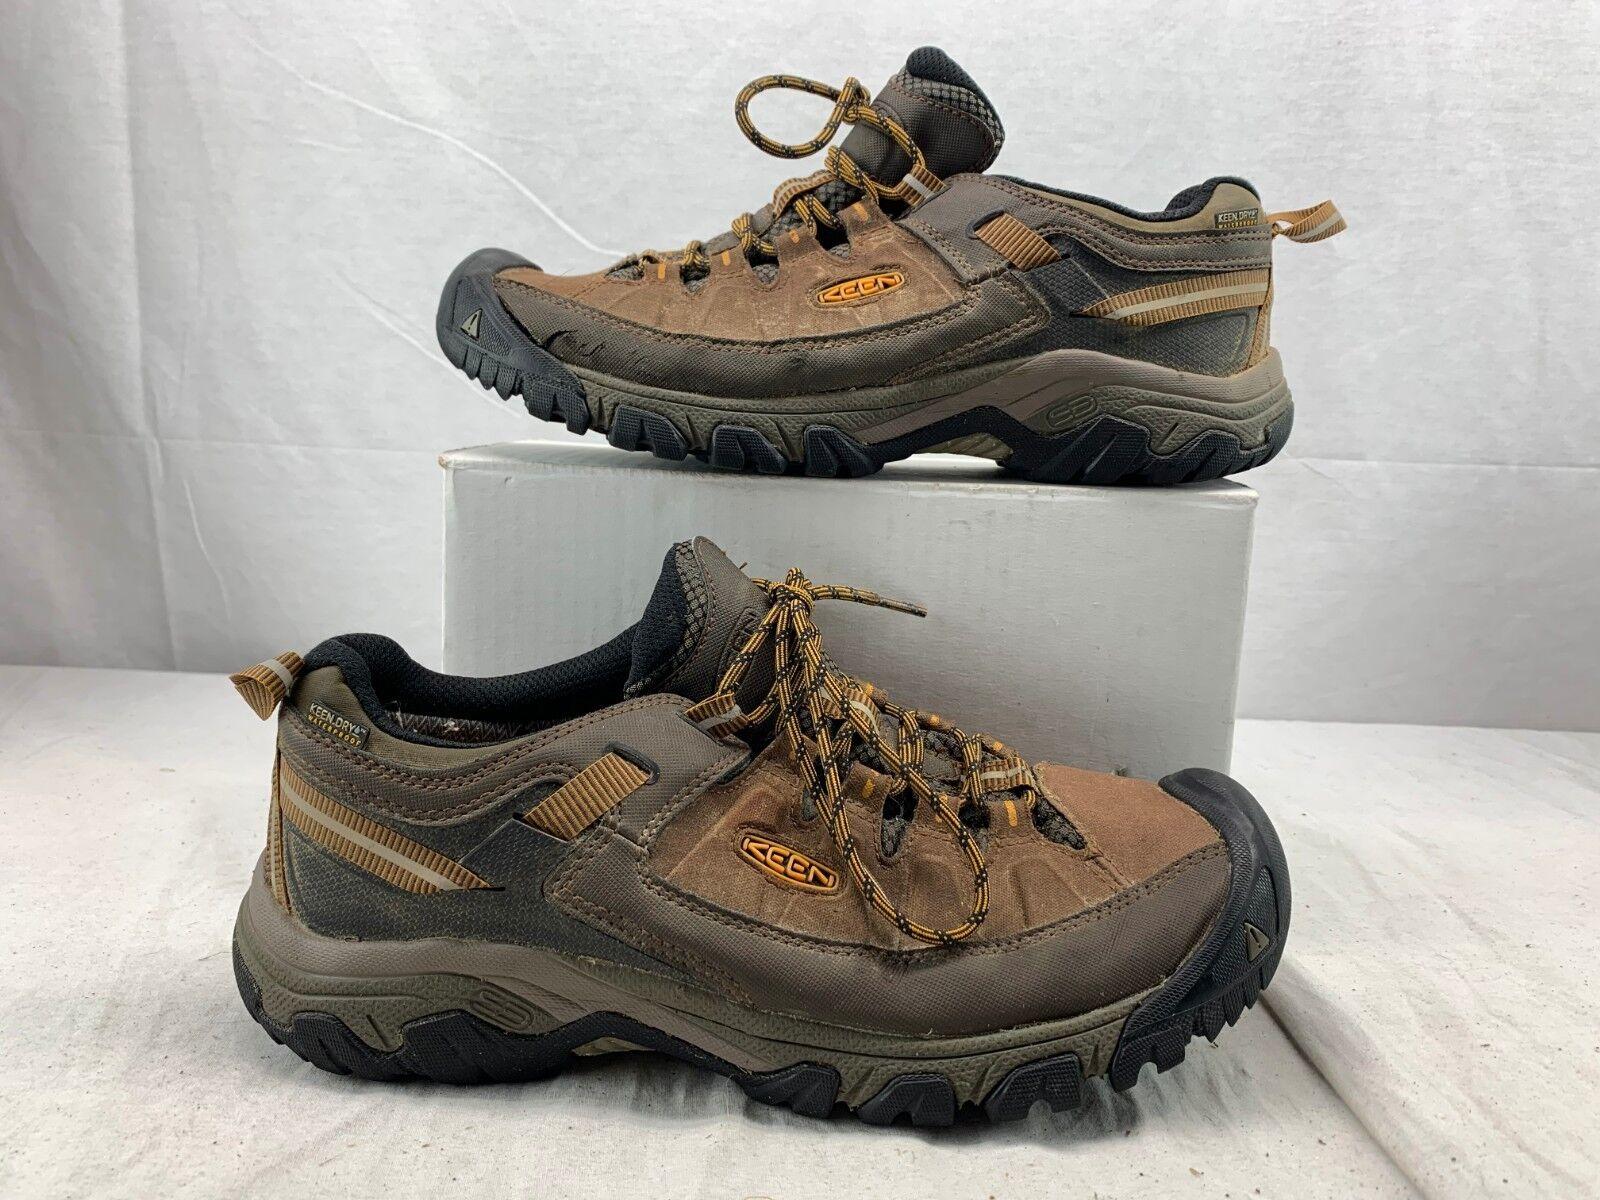 KEEN para hombre Targhee Explorer Impermeable Trail Zapatos Cascade Inca oro Tamaño 11